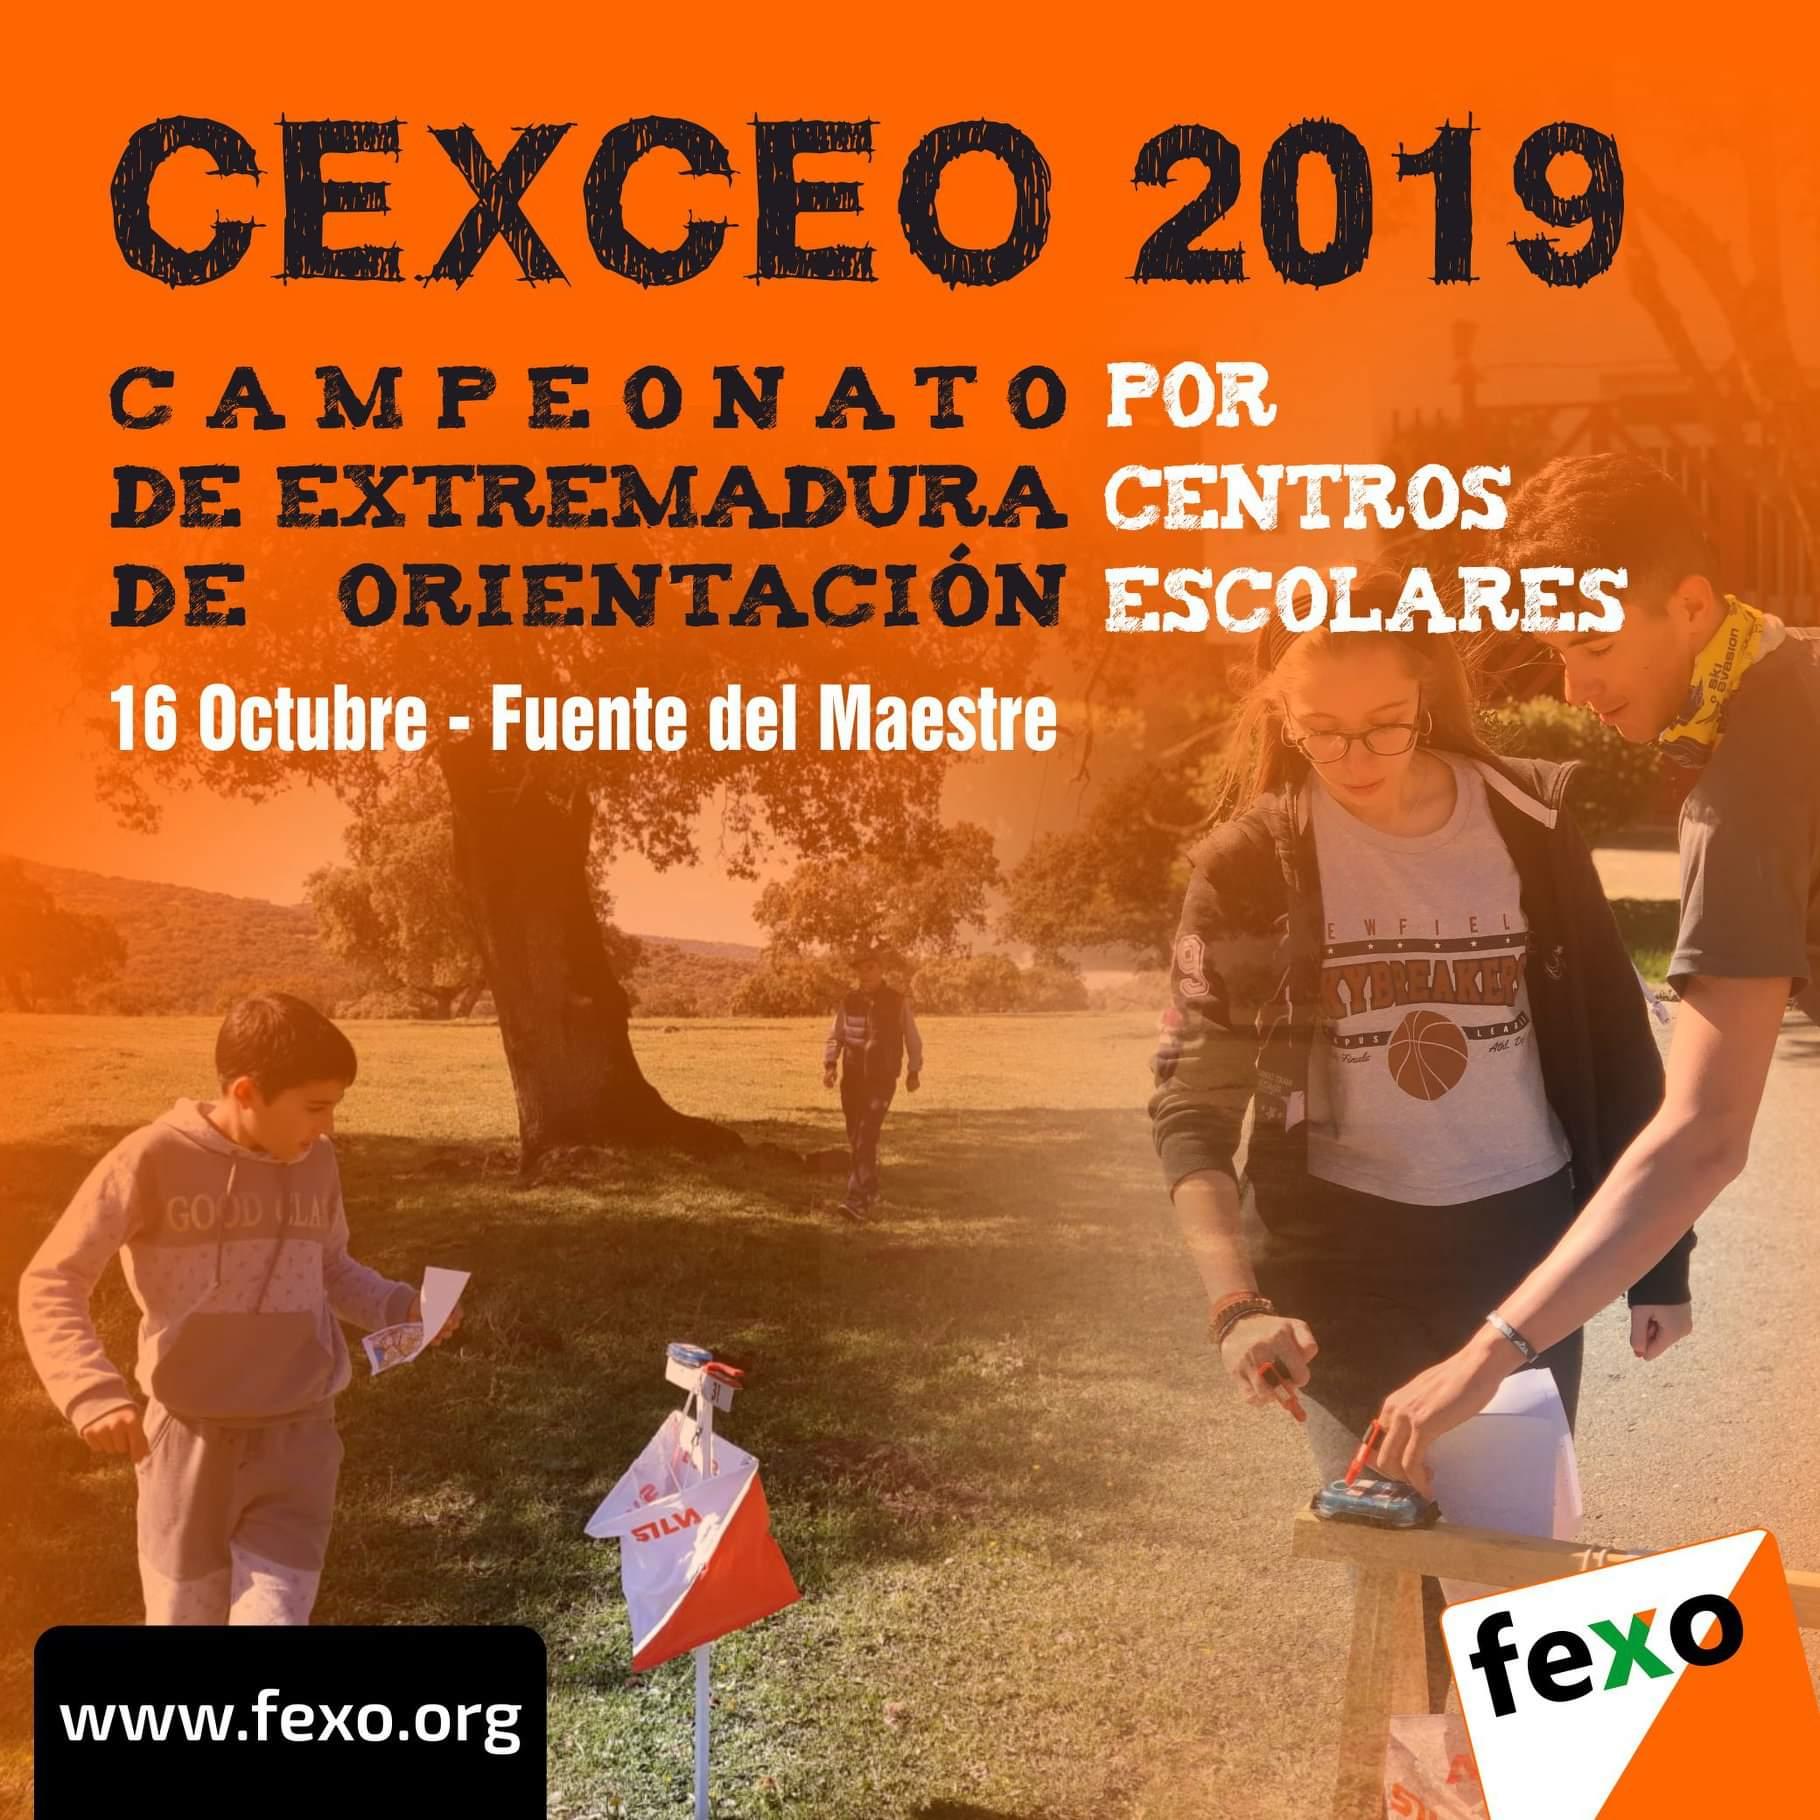 Este Miercoles 16 De Octubre Se Celebra En Fuente Del Maestre El Campeonato De Extremadura De Orientacion De Centros Escolares Infoprovincia